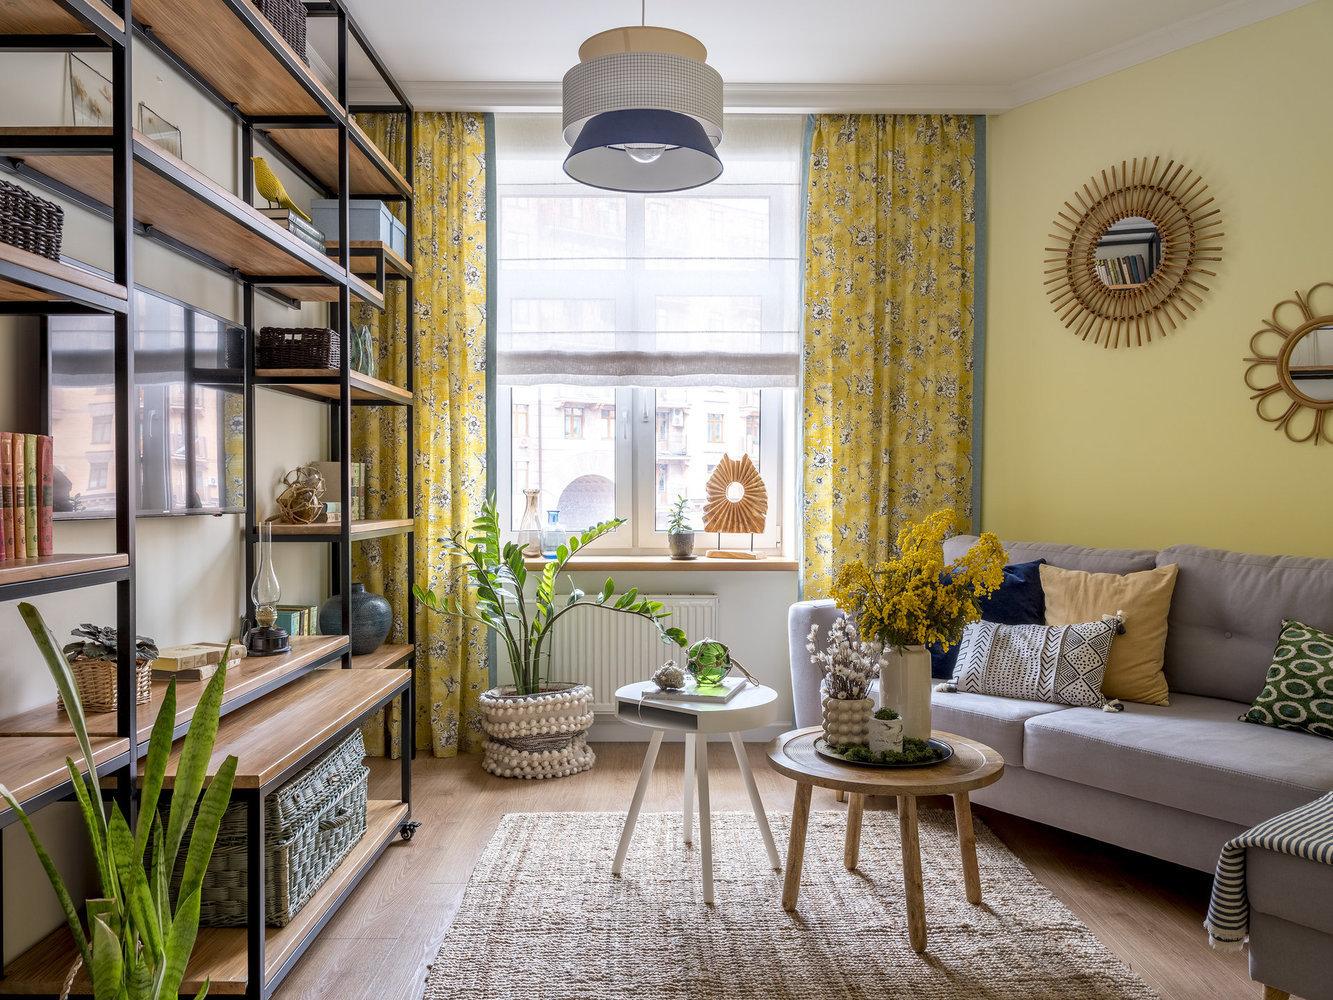 Couleur Tendance Pour Interieur Maison la couleur de 2020 pour la décoration intérieure: comment l